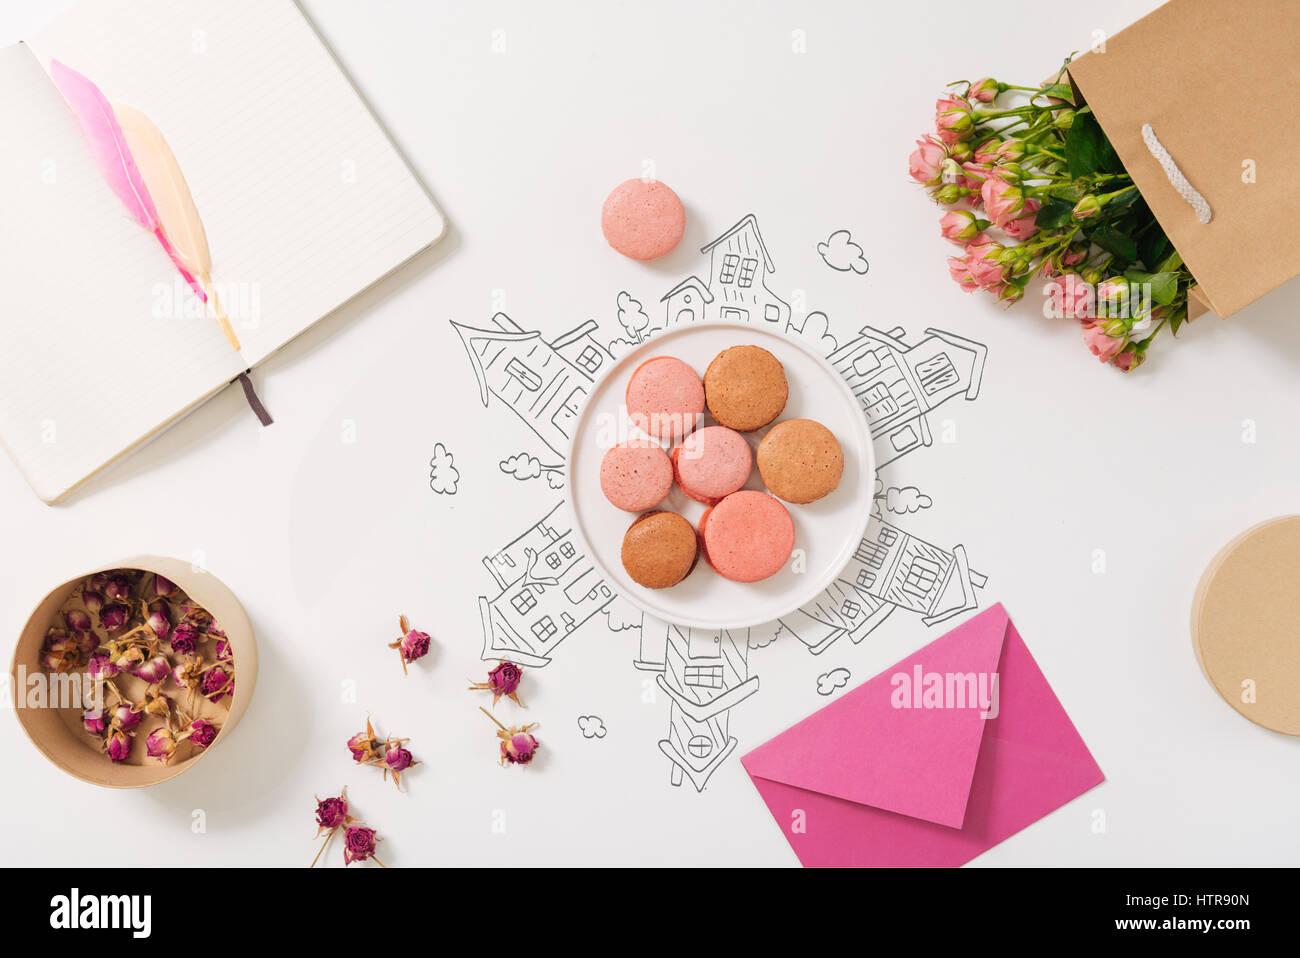 Süße Reisen. Draufsicht der Platte mit Macarones stehen auf dem Tisch in der Nähe von Pack mit Blumen Stockbild